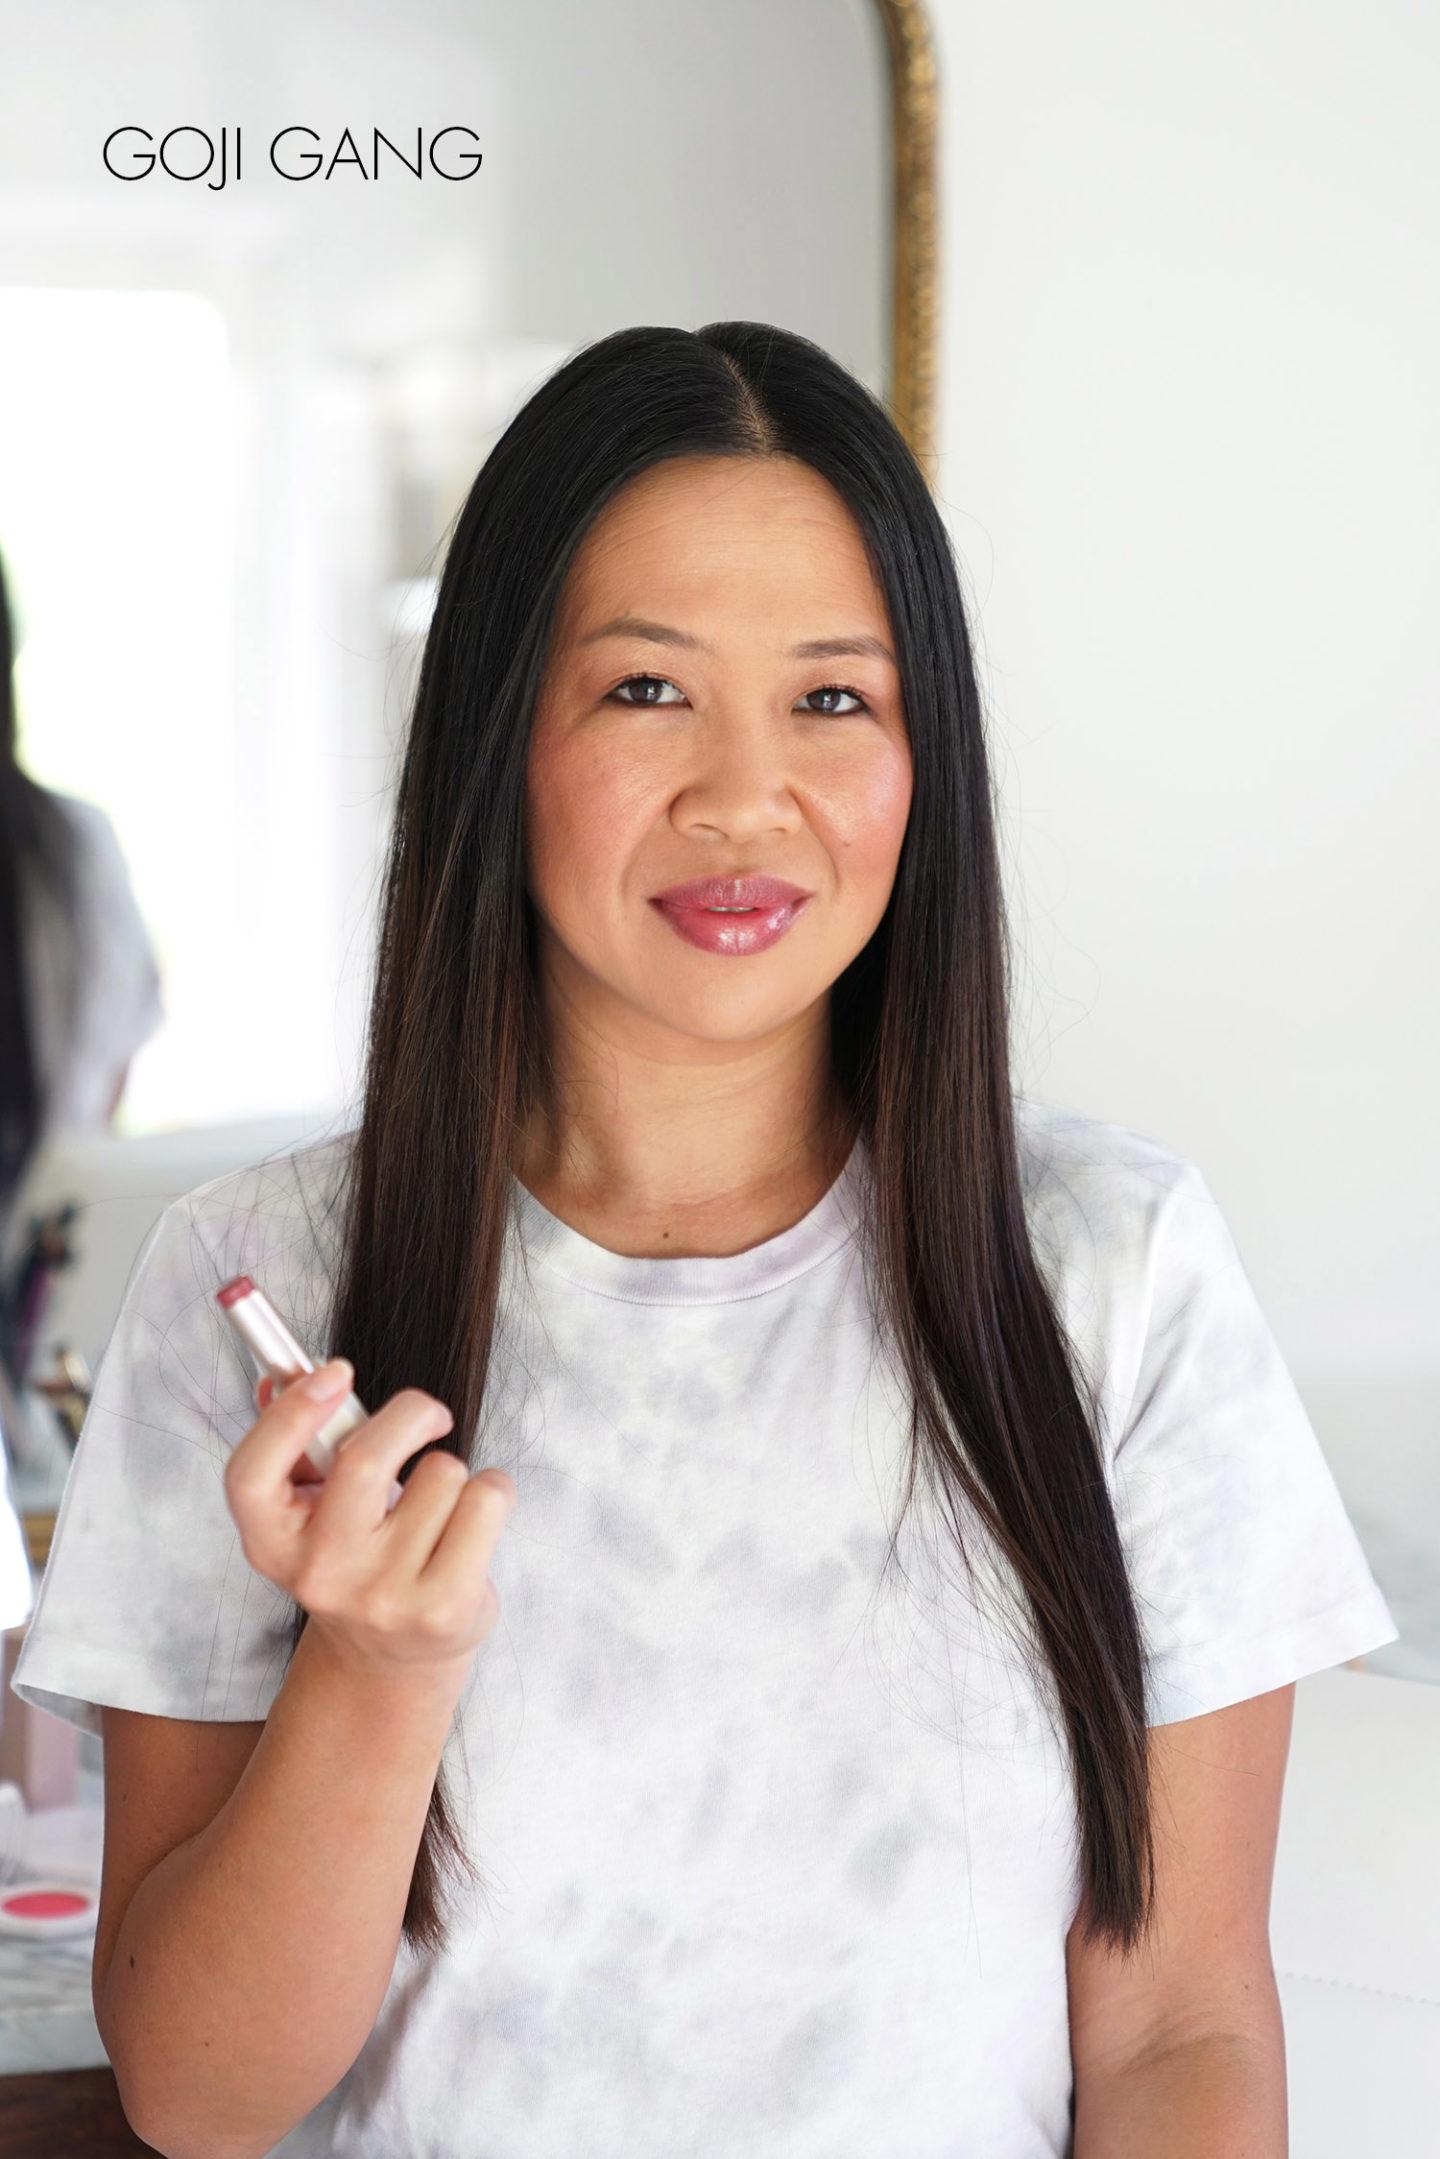 Fenty Slip Shine Sheer Shiny Lipstick Goji Gang